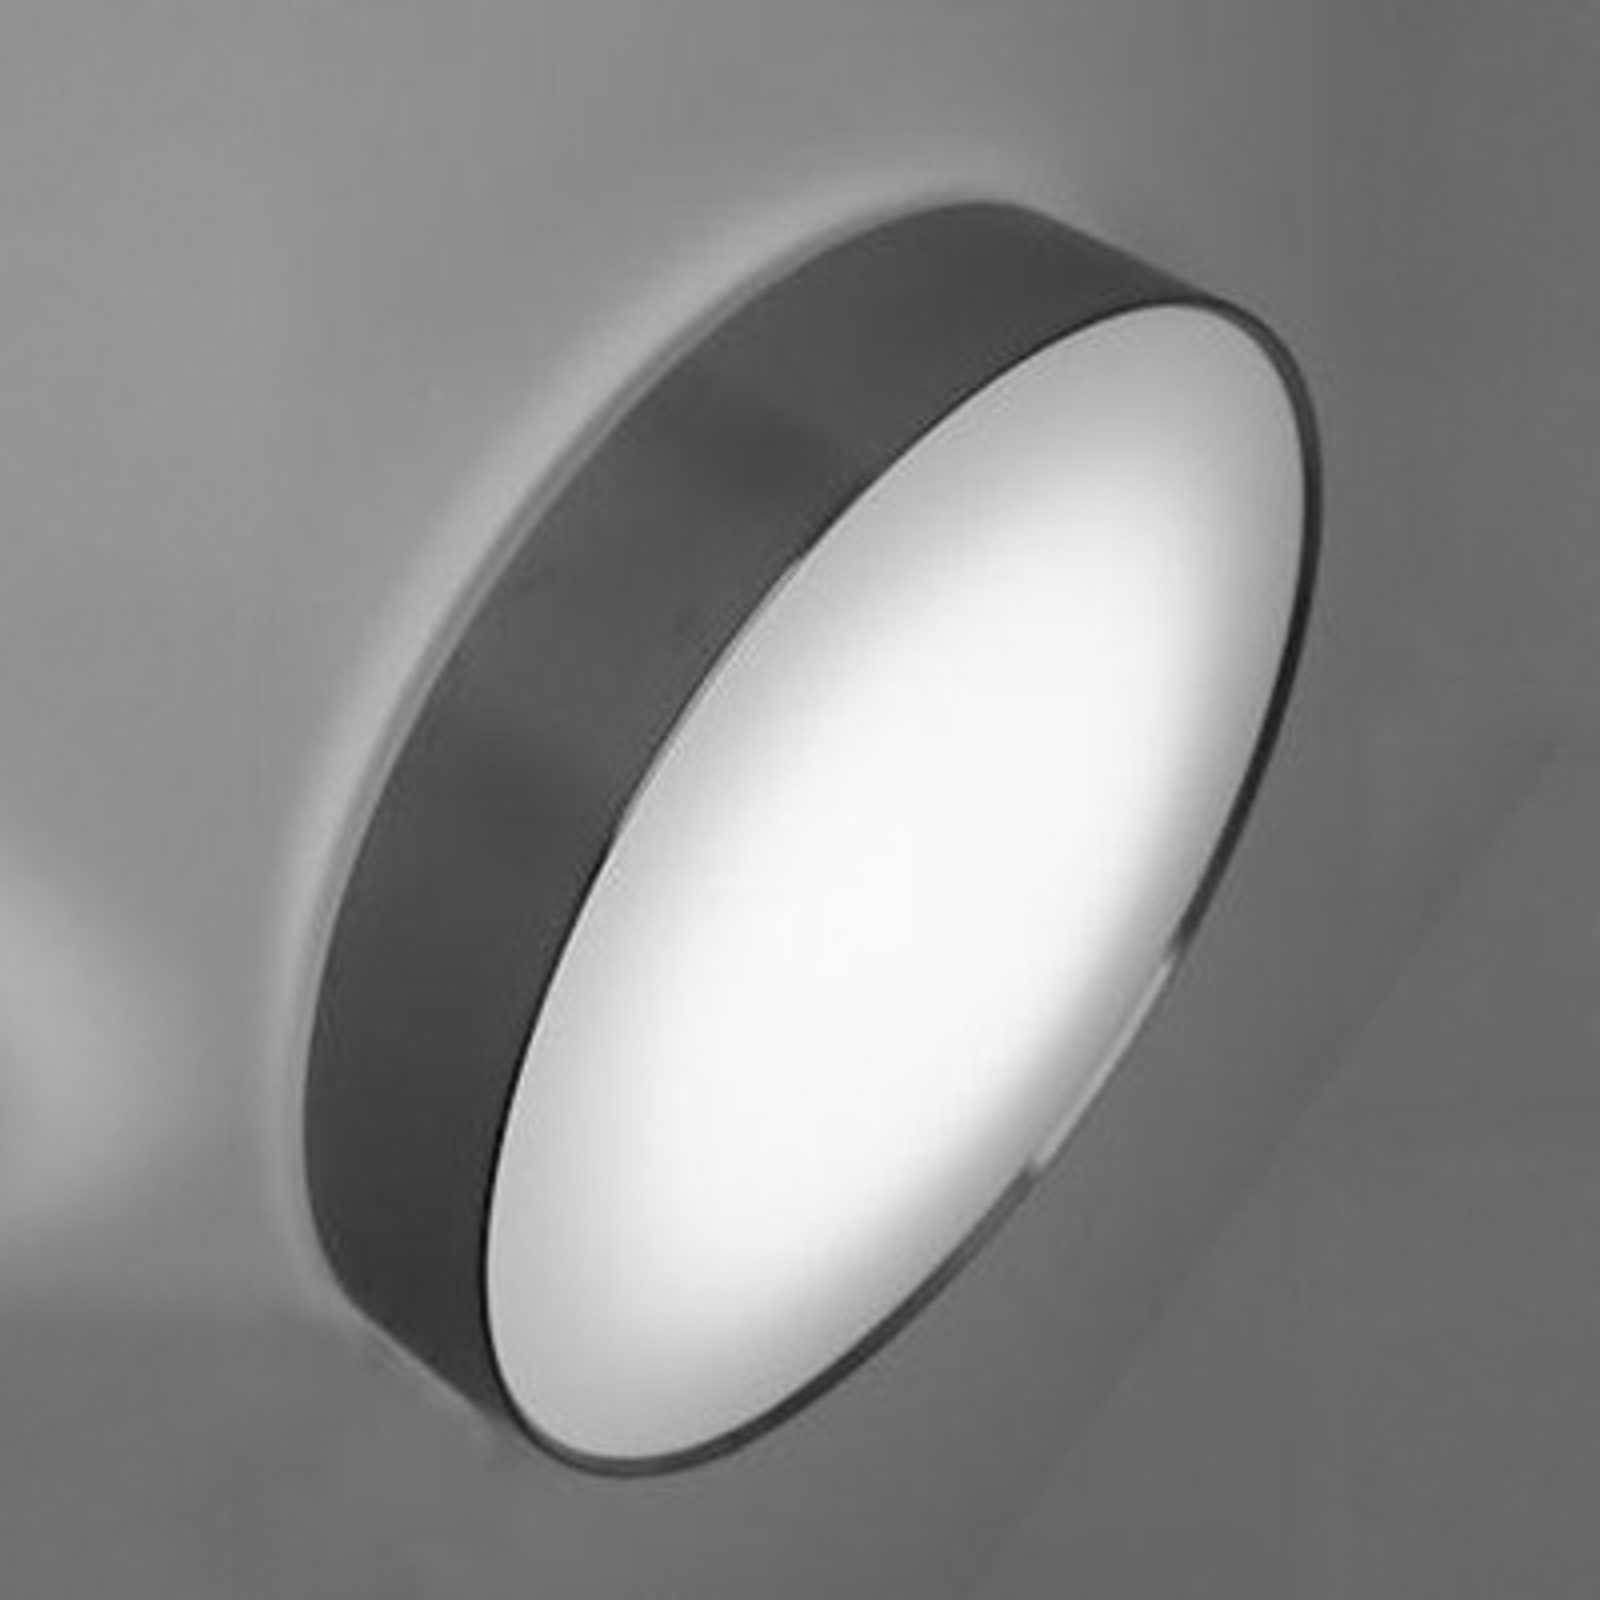 Sensor LED-Edelstahlleuchte SUN 4, 13 W